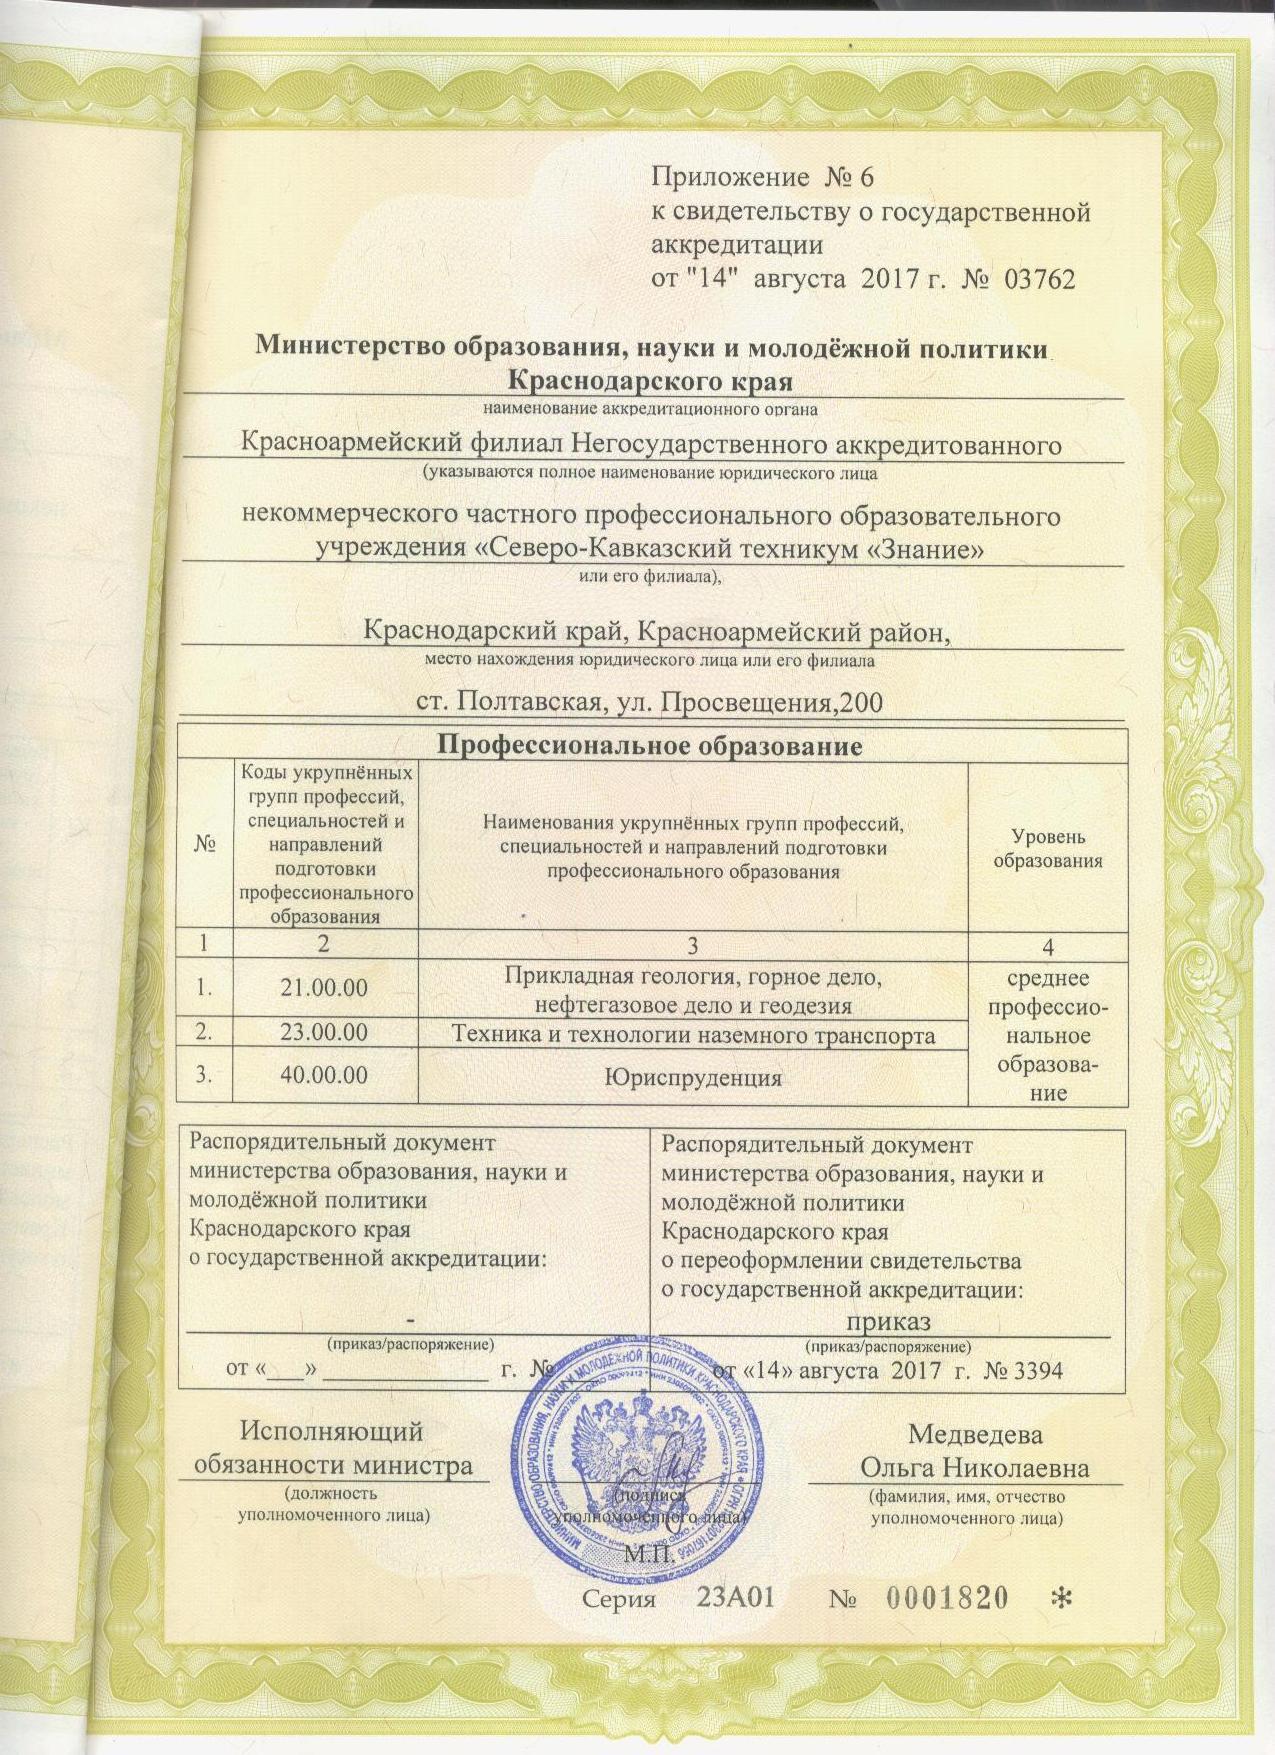 Приложение к гос.акредитации